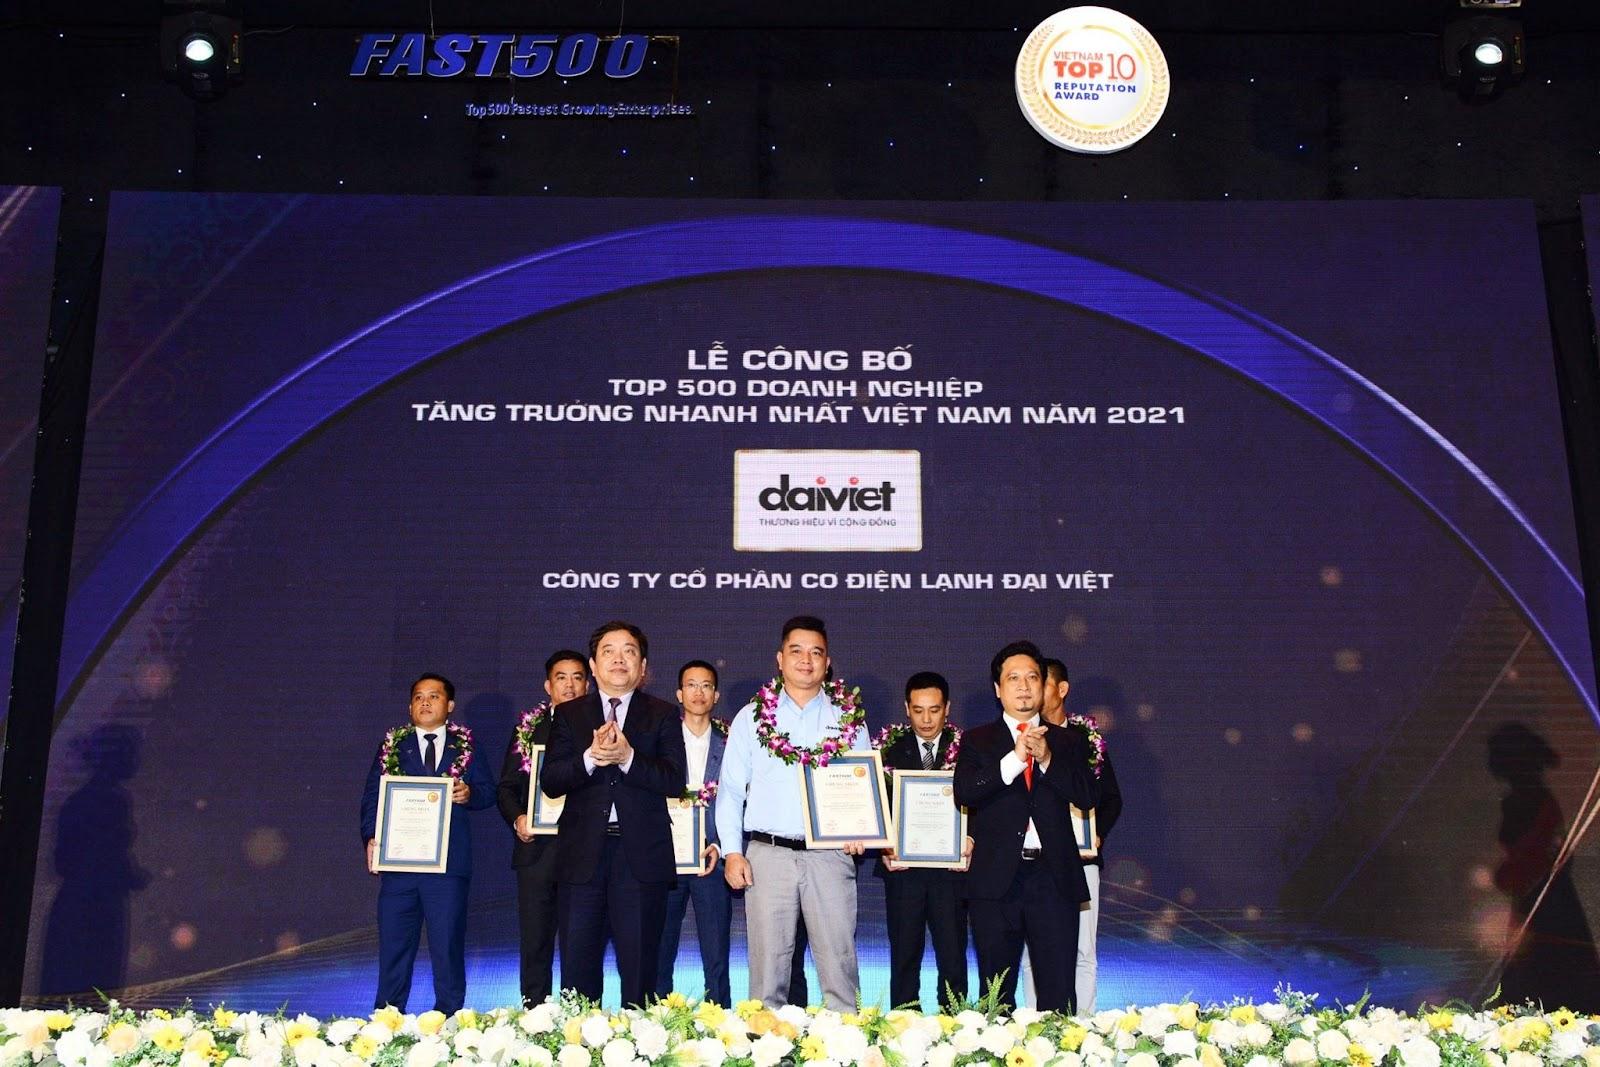 Tập Đoàn Đại Việt thương hiệu đã có hơn 19 năm hoạt động và lọt TOP 500 doanh nghiệp tăng trưởng nhất năm 2021 xứng đáng là đơn vị cung cấp ghế massage để bạn tin dùng